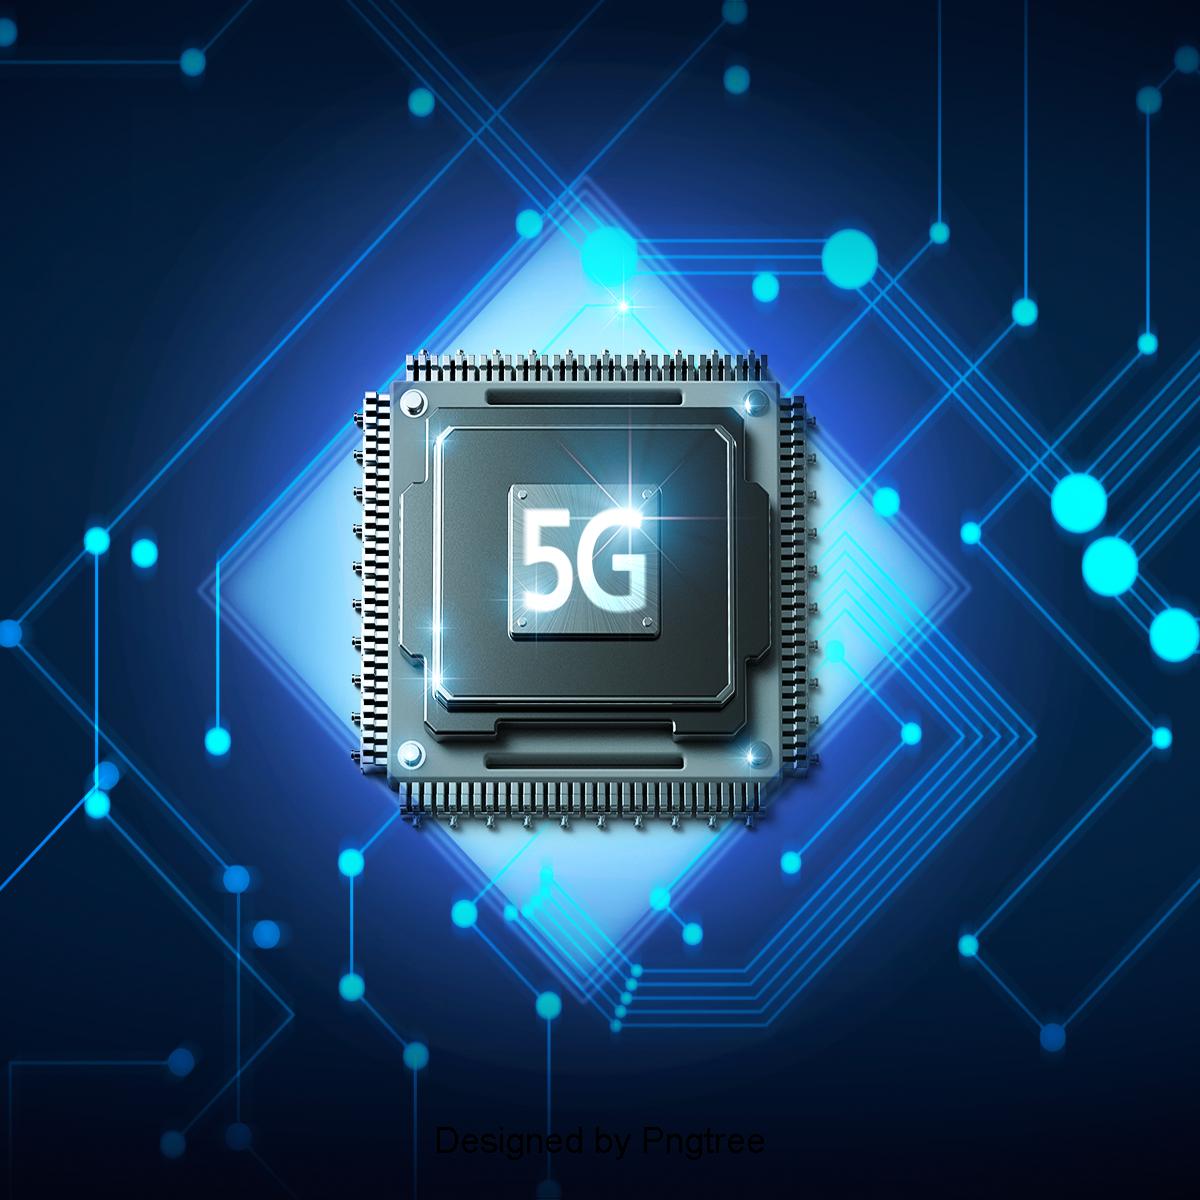 5G已至!Verizon:2019年底为家庭用户提供5G互联网接入服务